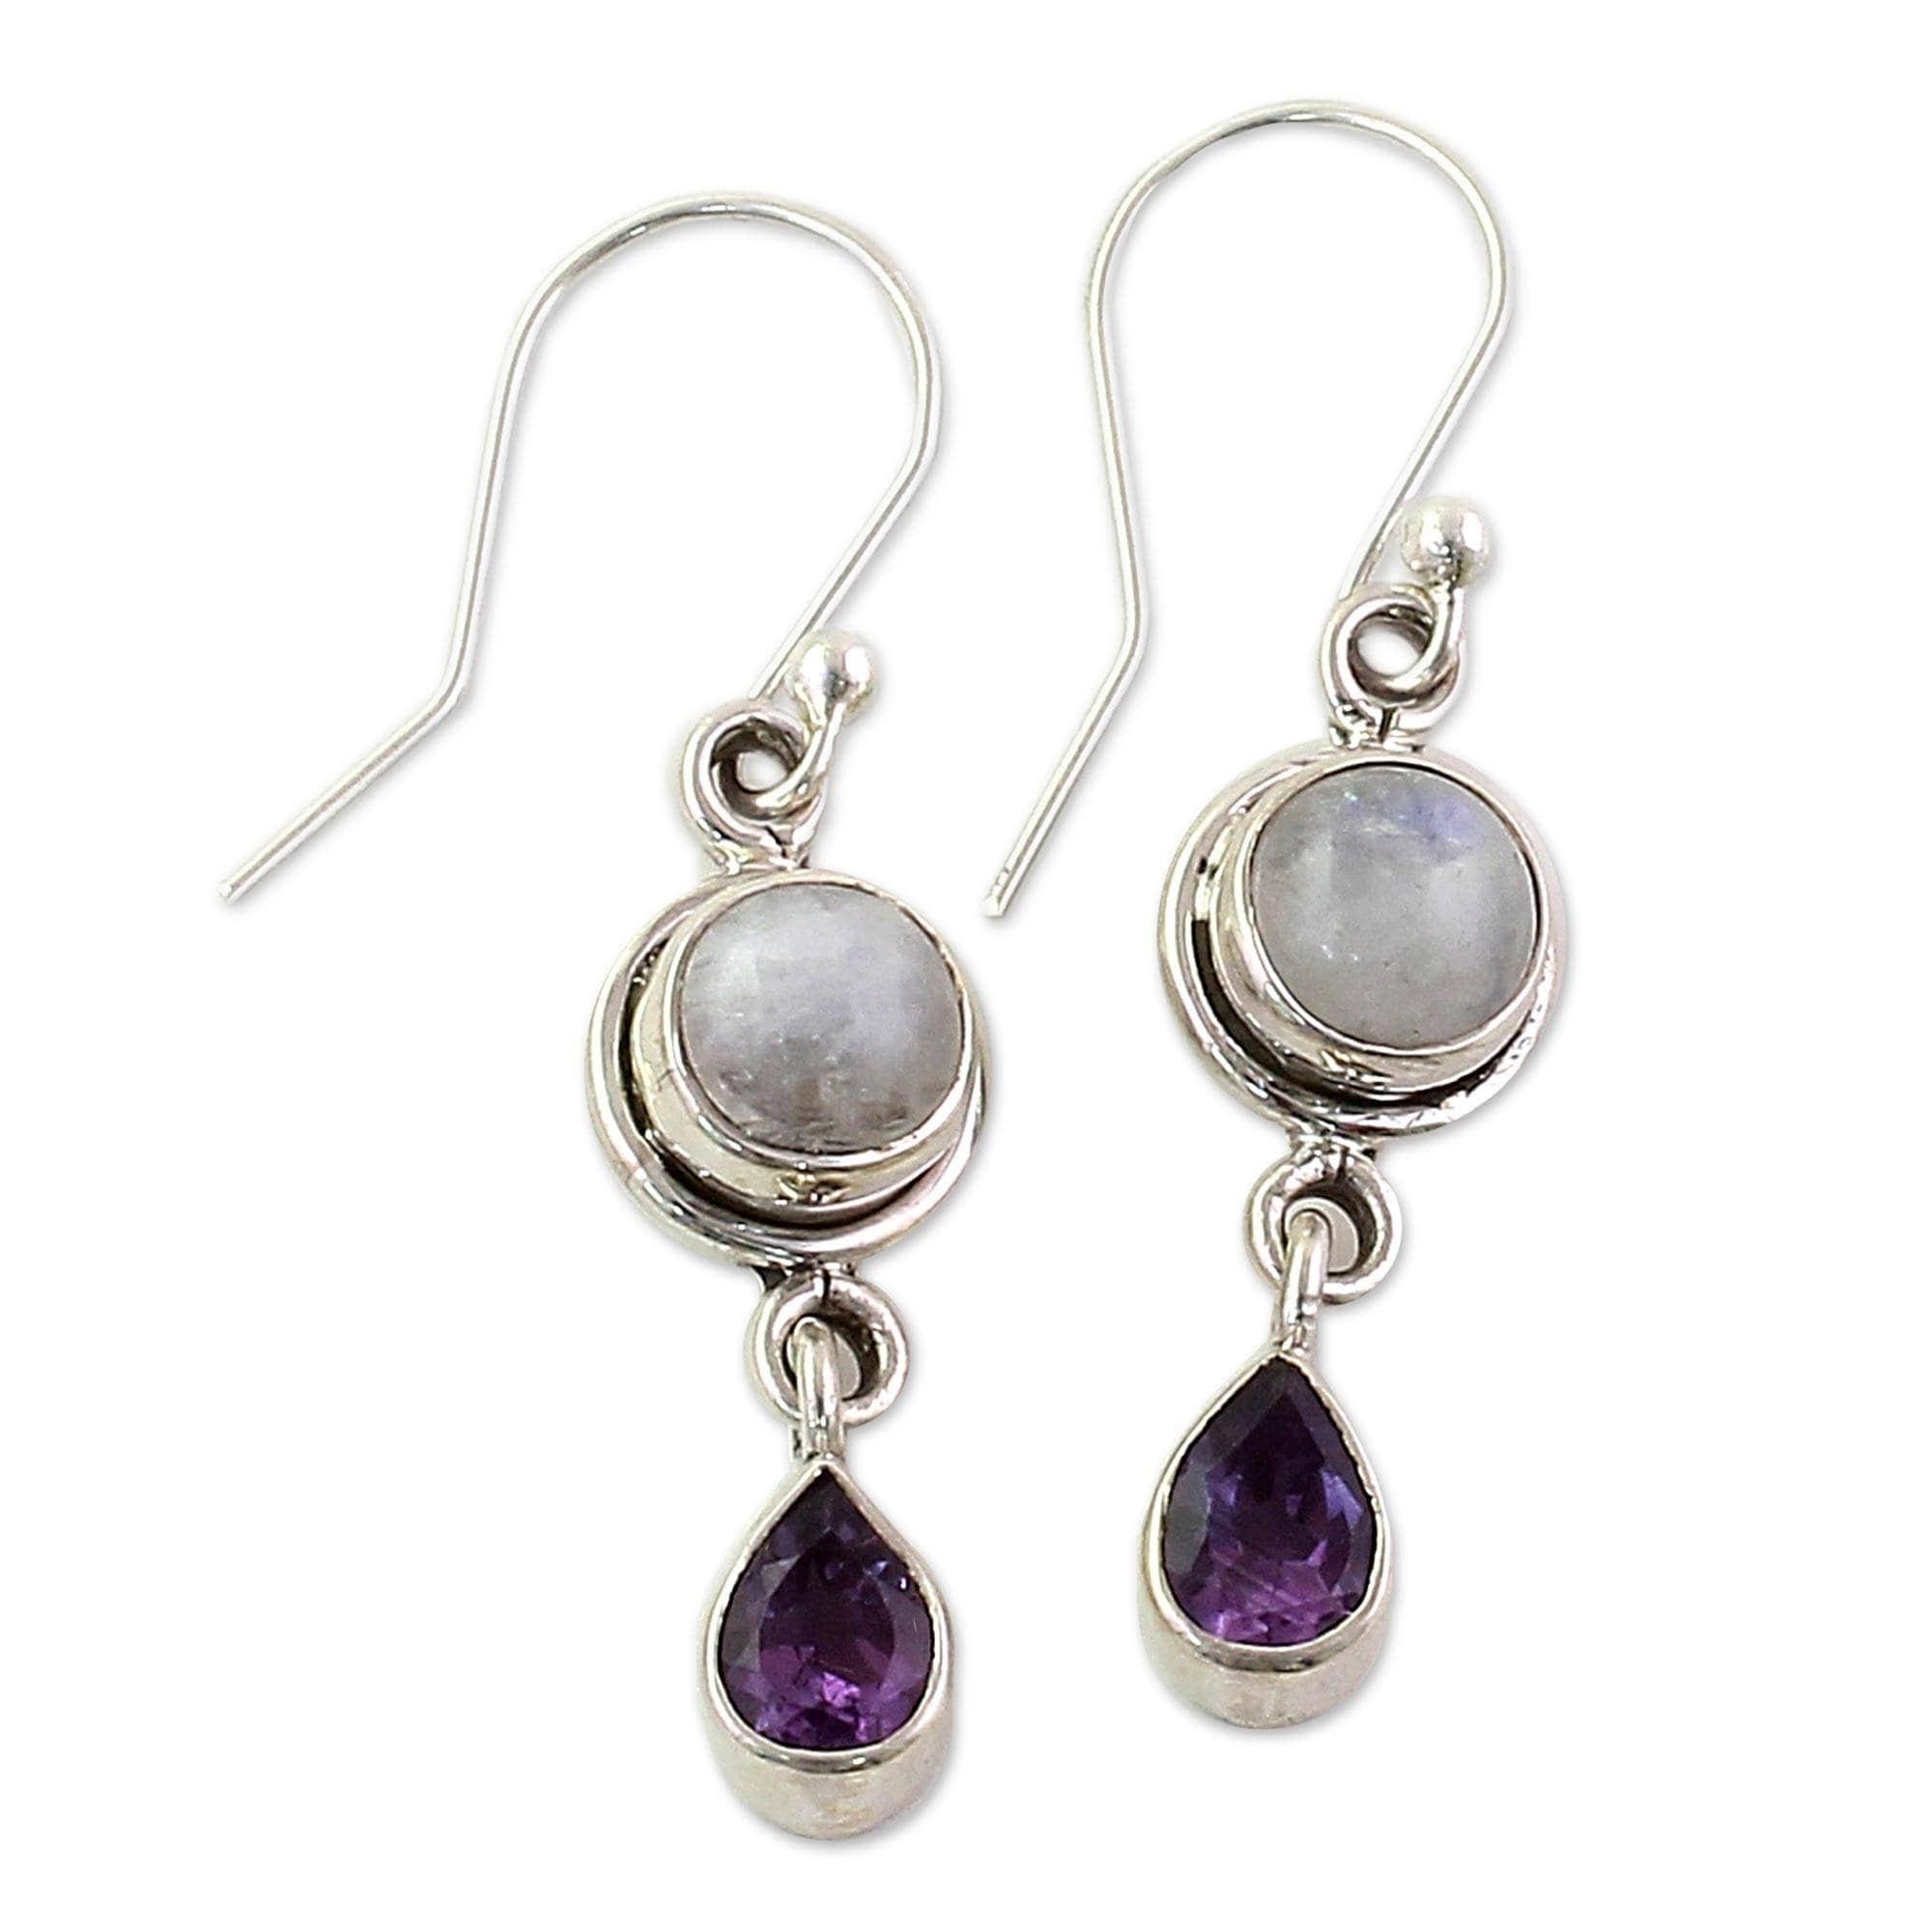 Anniversary  Square Round Moonstone Earrings Hook Eardrop Gemstone Ear Studs